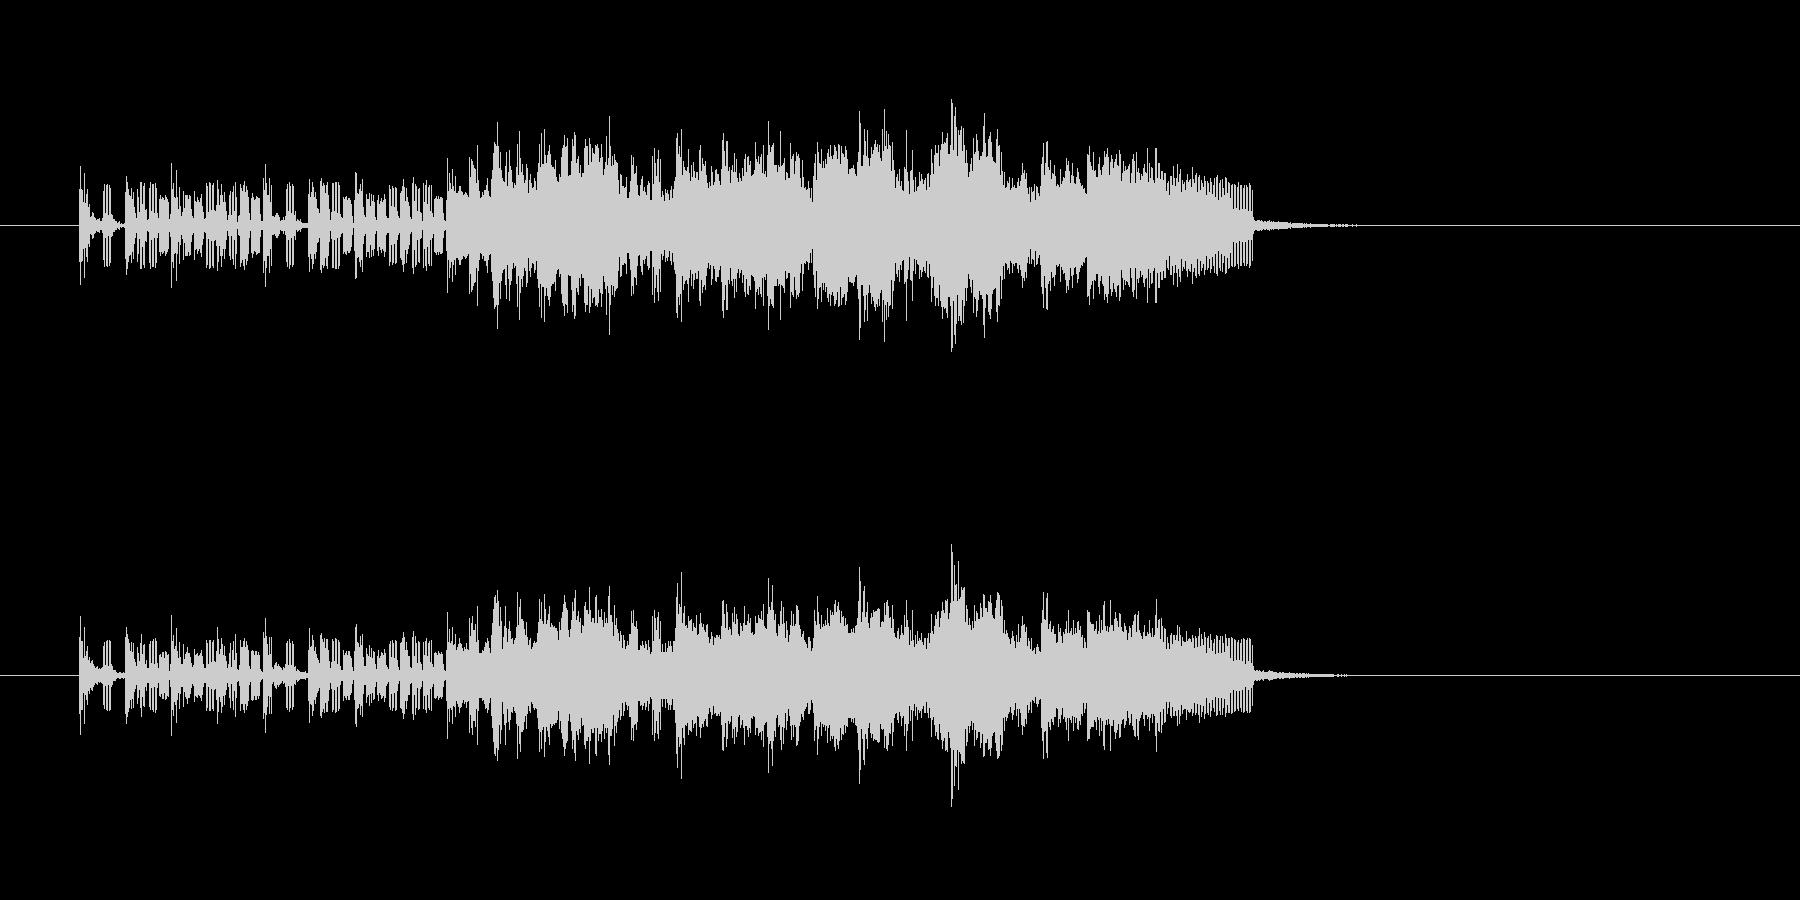 ベース トランペット フルート ほのぼのの未再生の波形